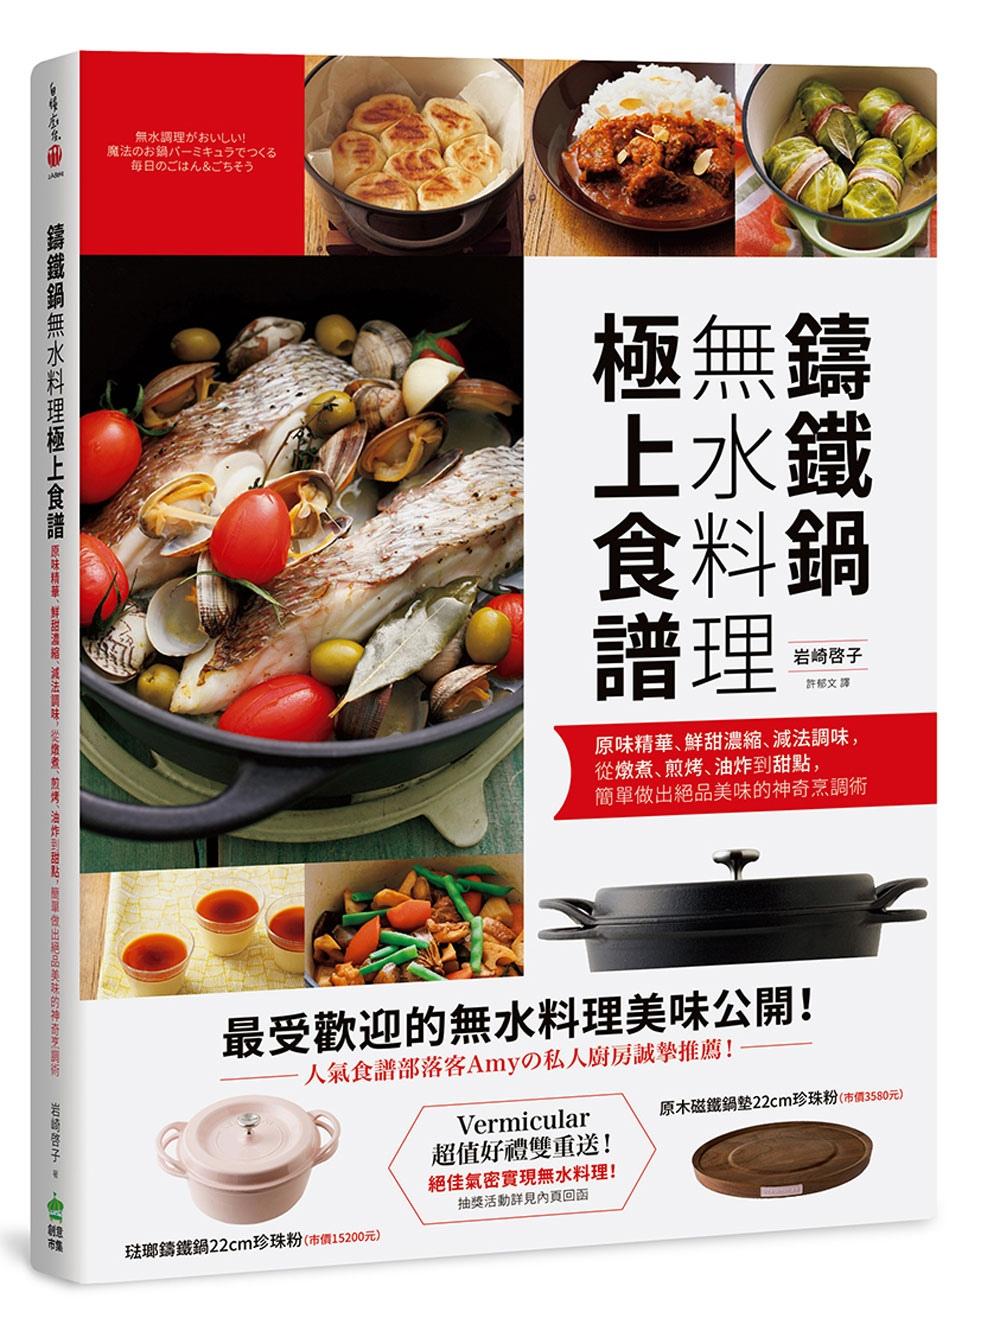 ◤博客來BOOKS◢ 暢銷書榜《推薦》鑄鐵鍋無水料理極上食譜:原味精華、鮮甜濃縮、減法調味,從燉煮、煎烤、油炸到甜點,簡單做出絕品美味的神奇烹調術